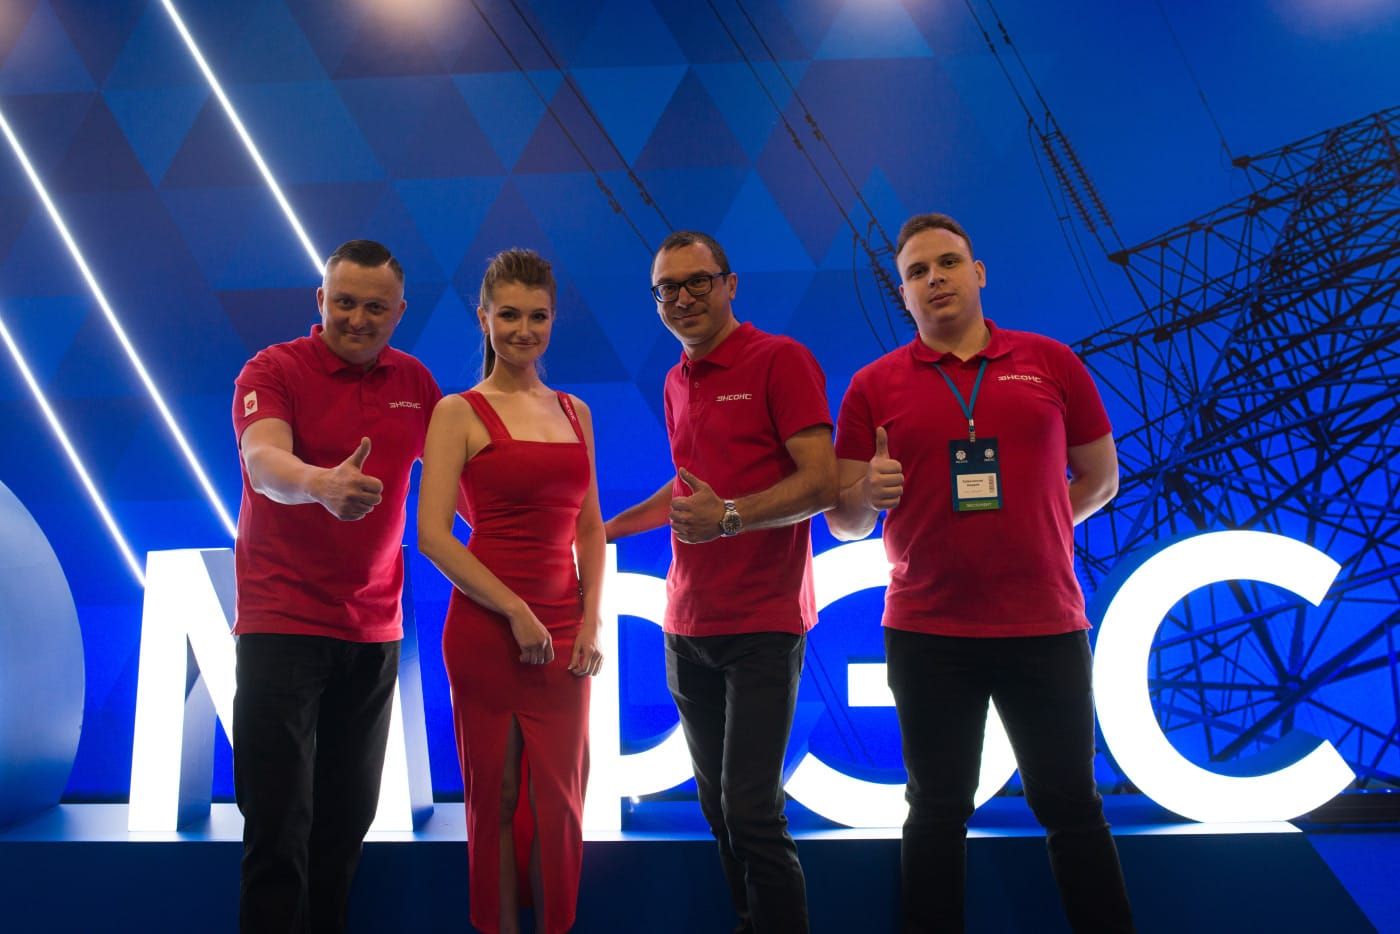 Ensons - Результаты участия ЭНСОНС на выставке МФЭС 2019